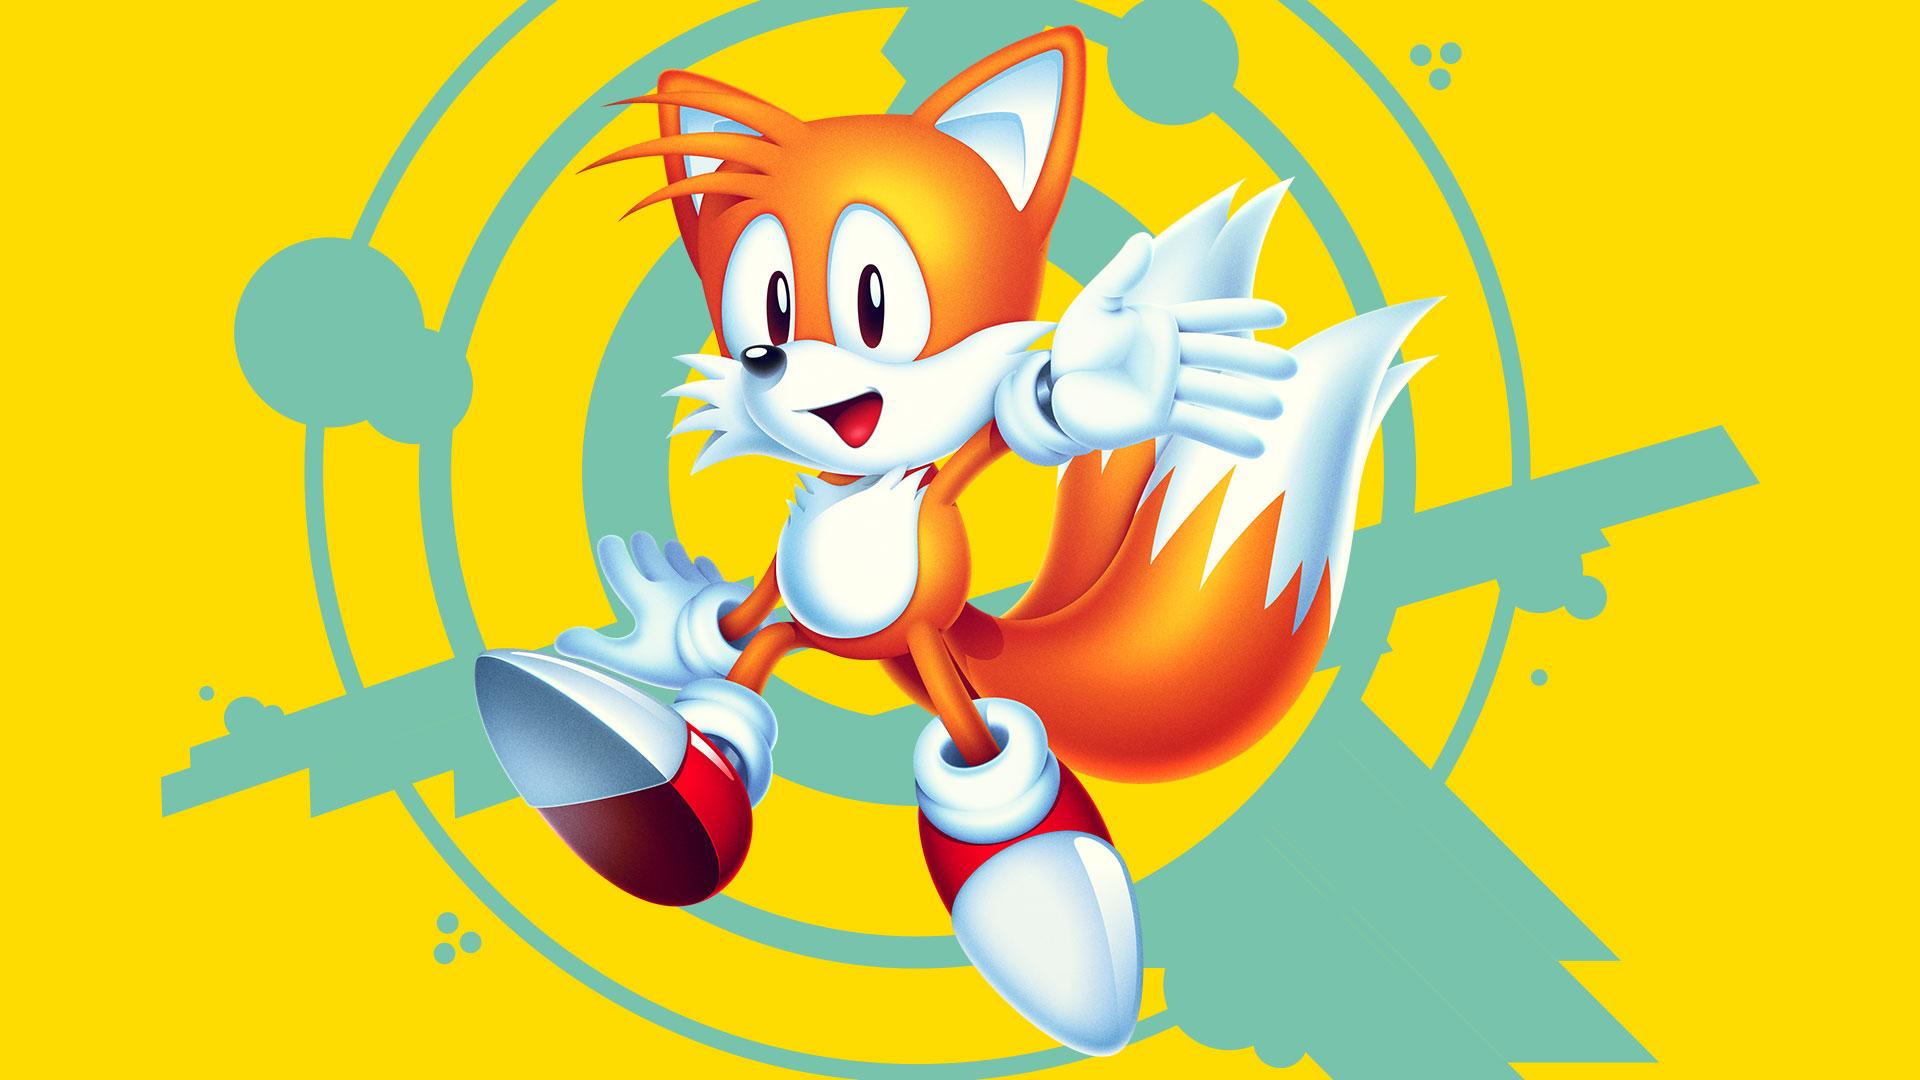 """Provavelmente, Tails é o """"sidekick"""" mais famoso do mundo dos games."""